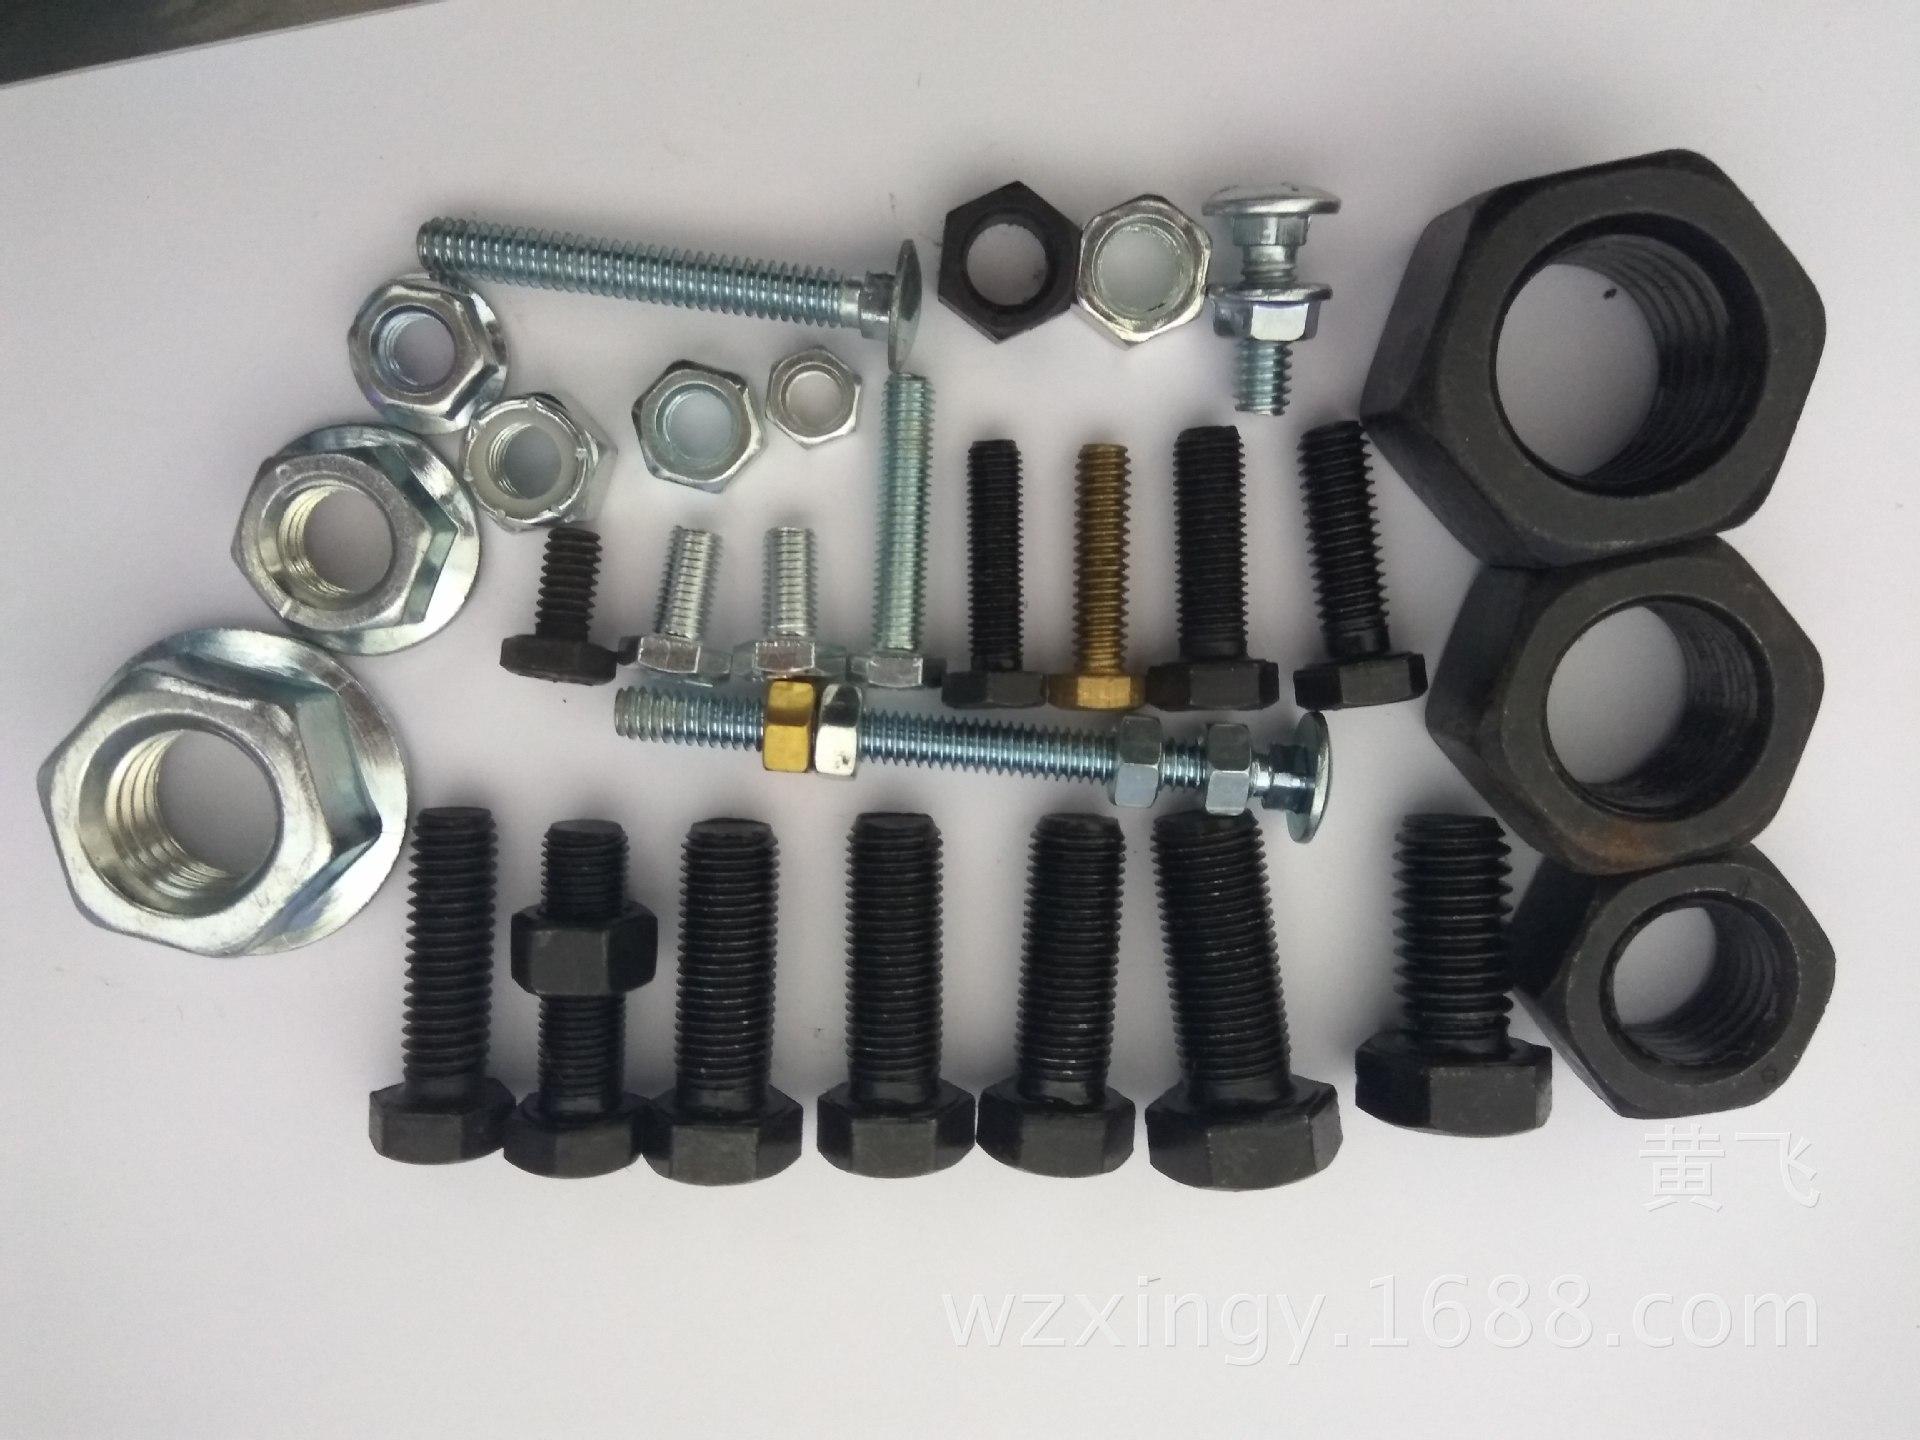 英美制现货 UNC英美制2级5级8级外六角螺栓UNF粗细牙螺钉非标